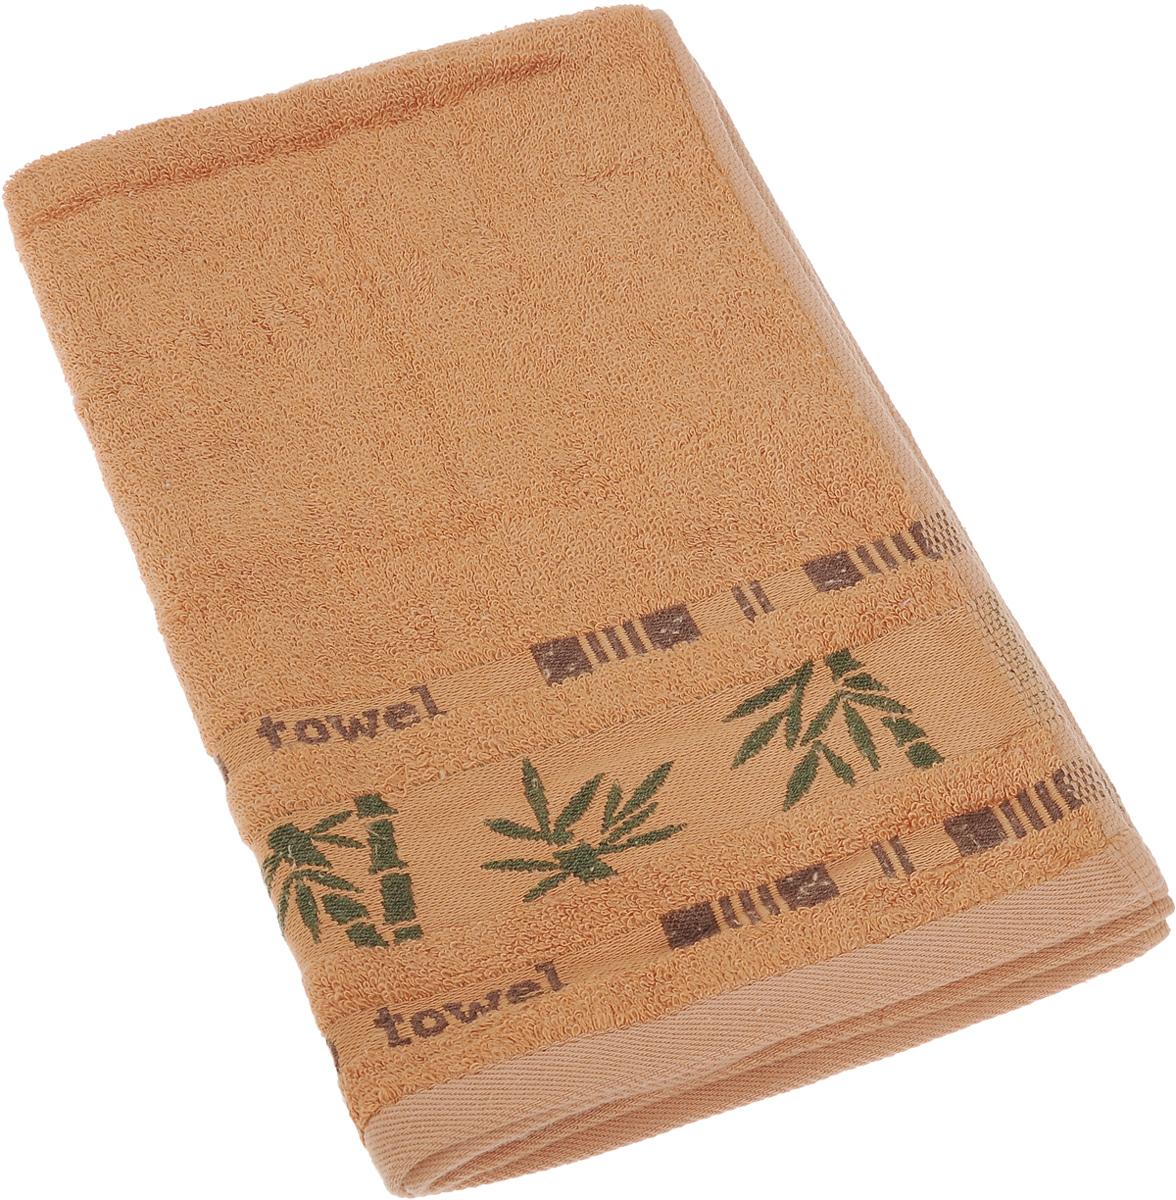 Полотенце Soavita Betty, цвет: терракотовый, 40 х 60 см64132Полотенце Soavita Betty выполнено из 100% бамбукового волокна. Изделие отлично впитывает влагу, быстро сохнет, сохраняет яркость цвета и не теряет форму даже после многократных стирок. Полотенце очень практично и неприхотливо в уходе. Оно создаст прекрасное настроение и украсит интерьер.